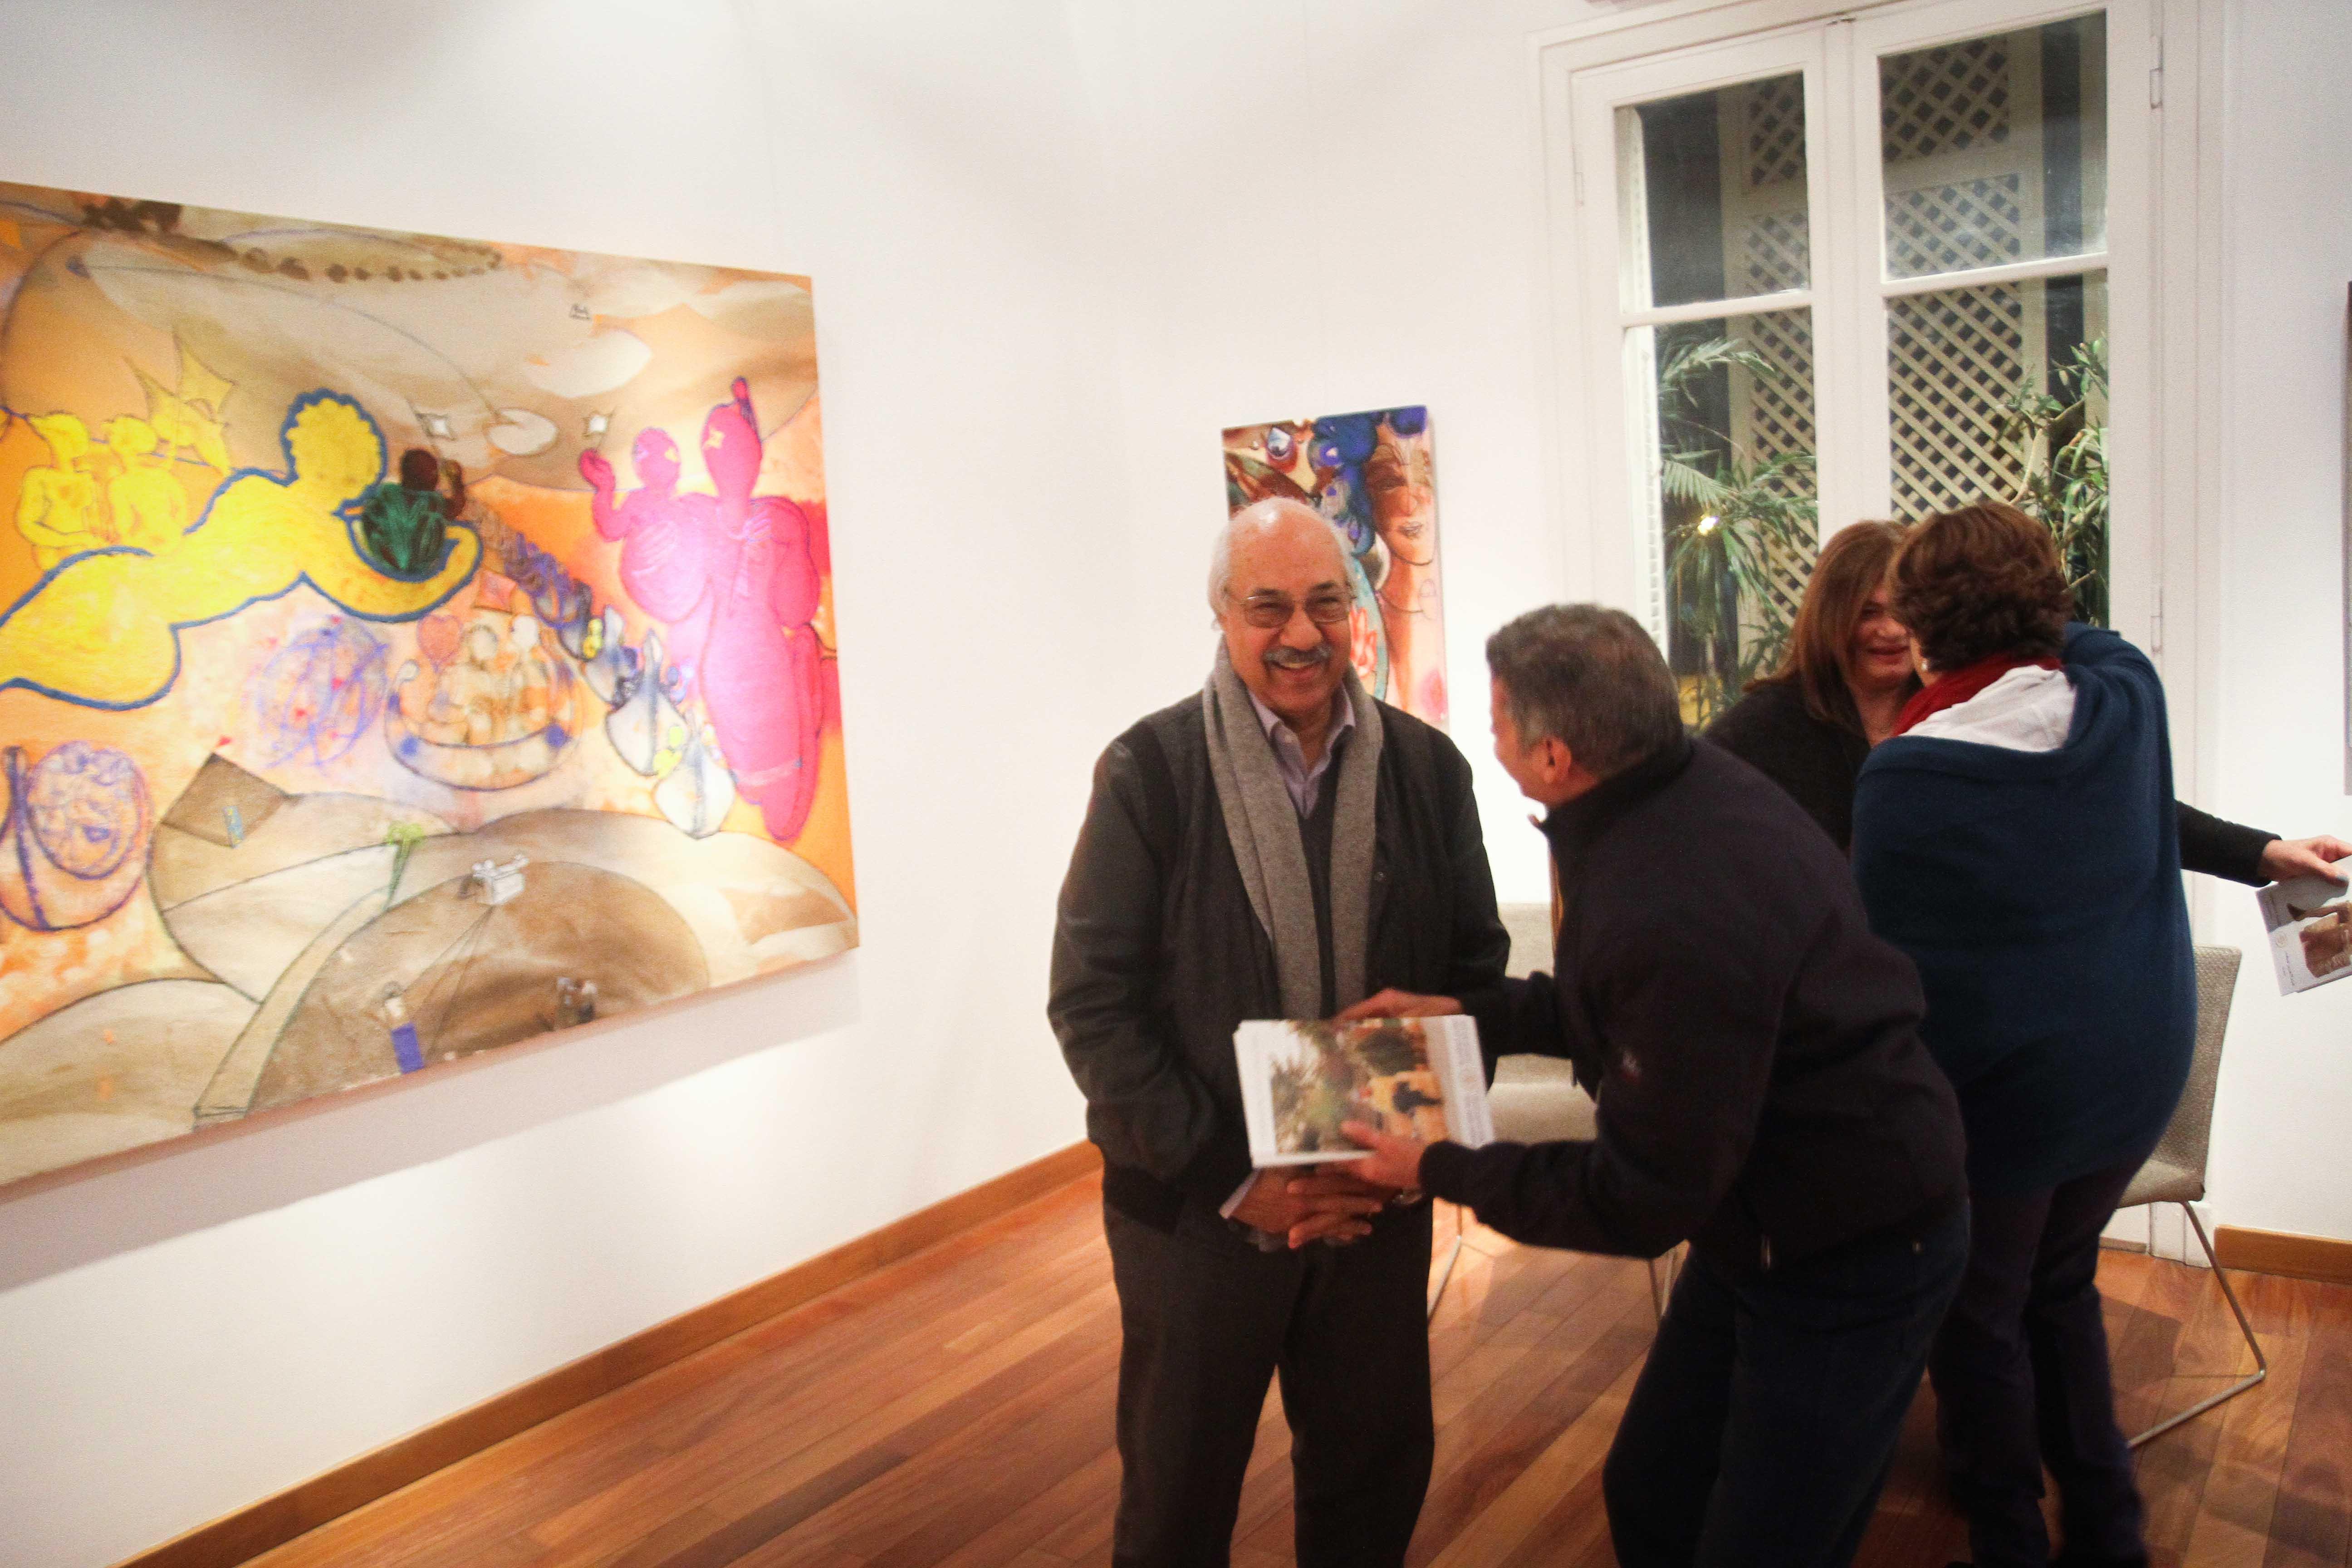 معرض مصر ستعاود العطاء للفنان فرغى عبد الحفيظ (1)